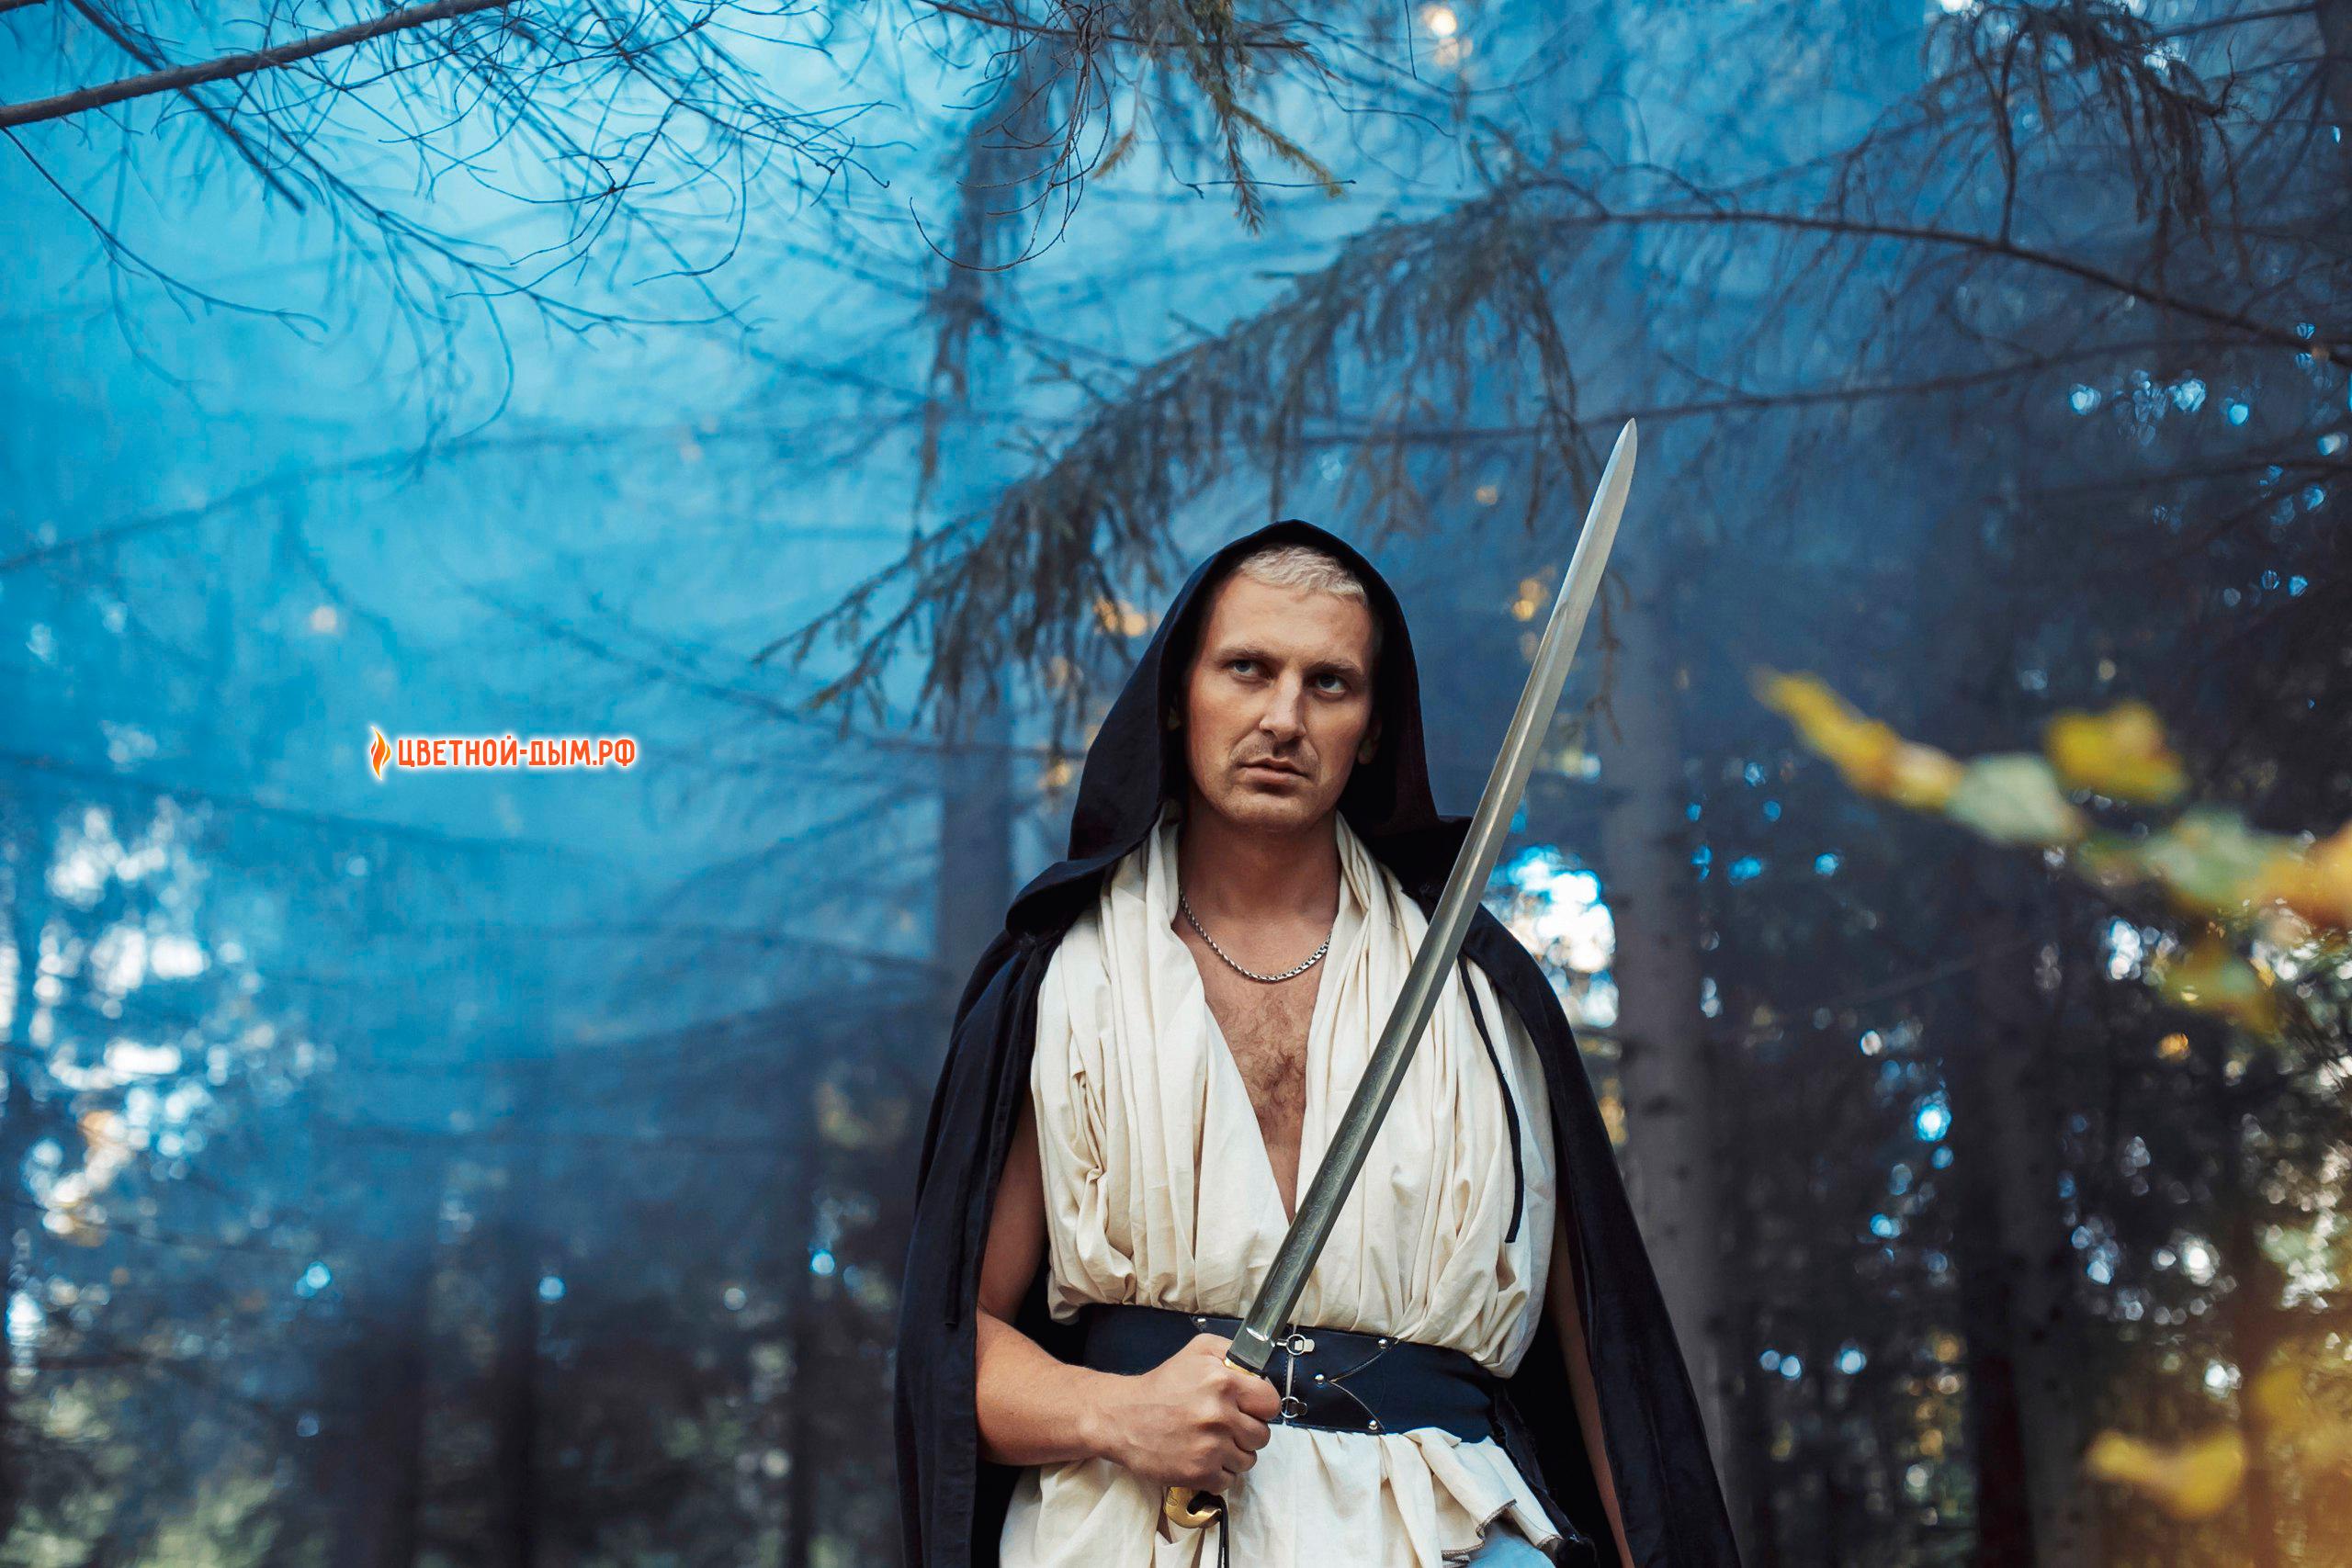 храбрый воин с мечом на фотосессии с цветным дымом